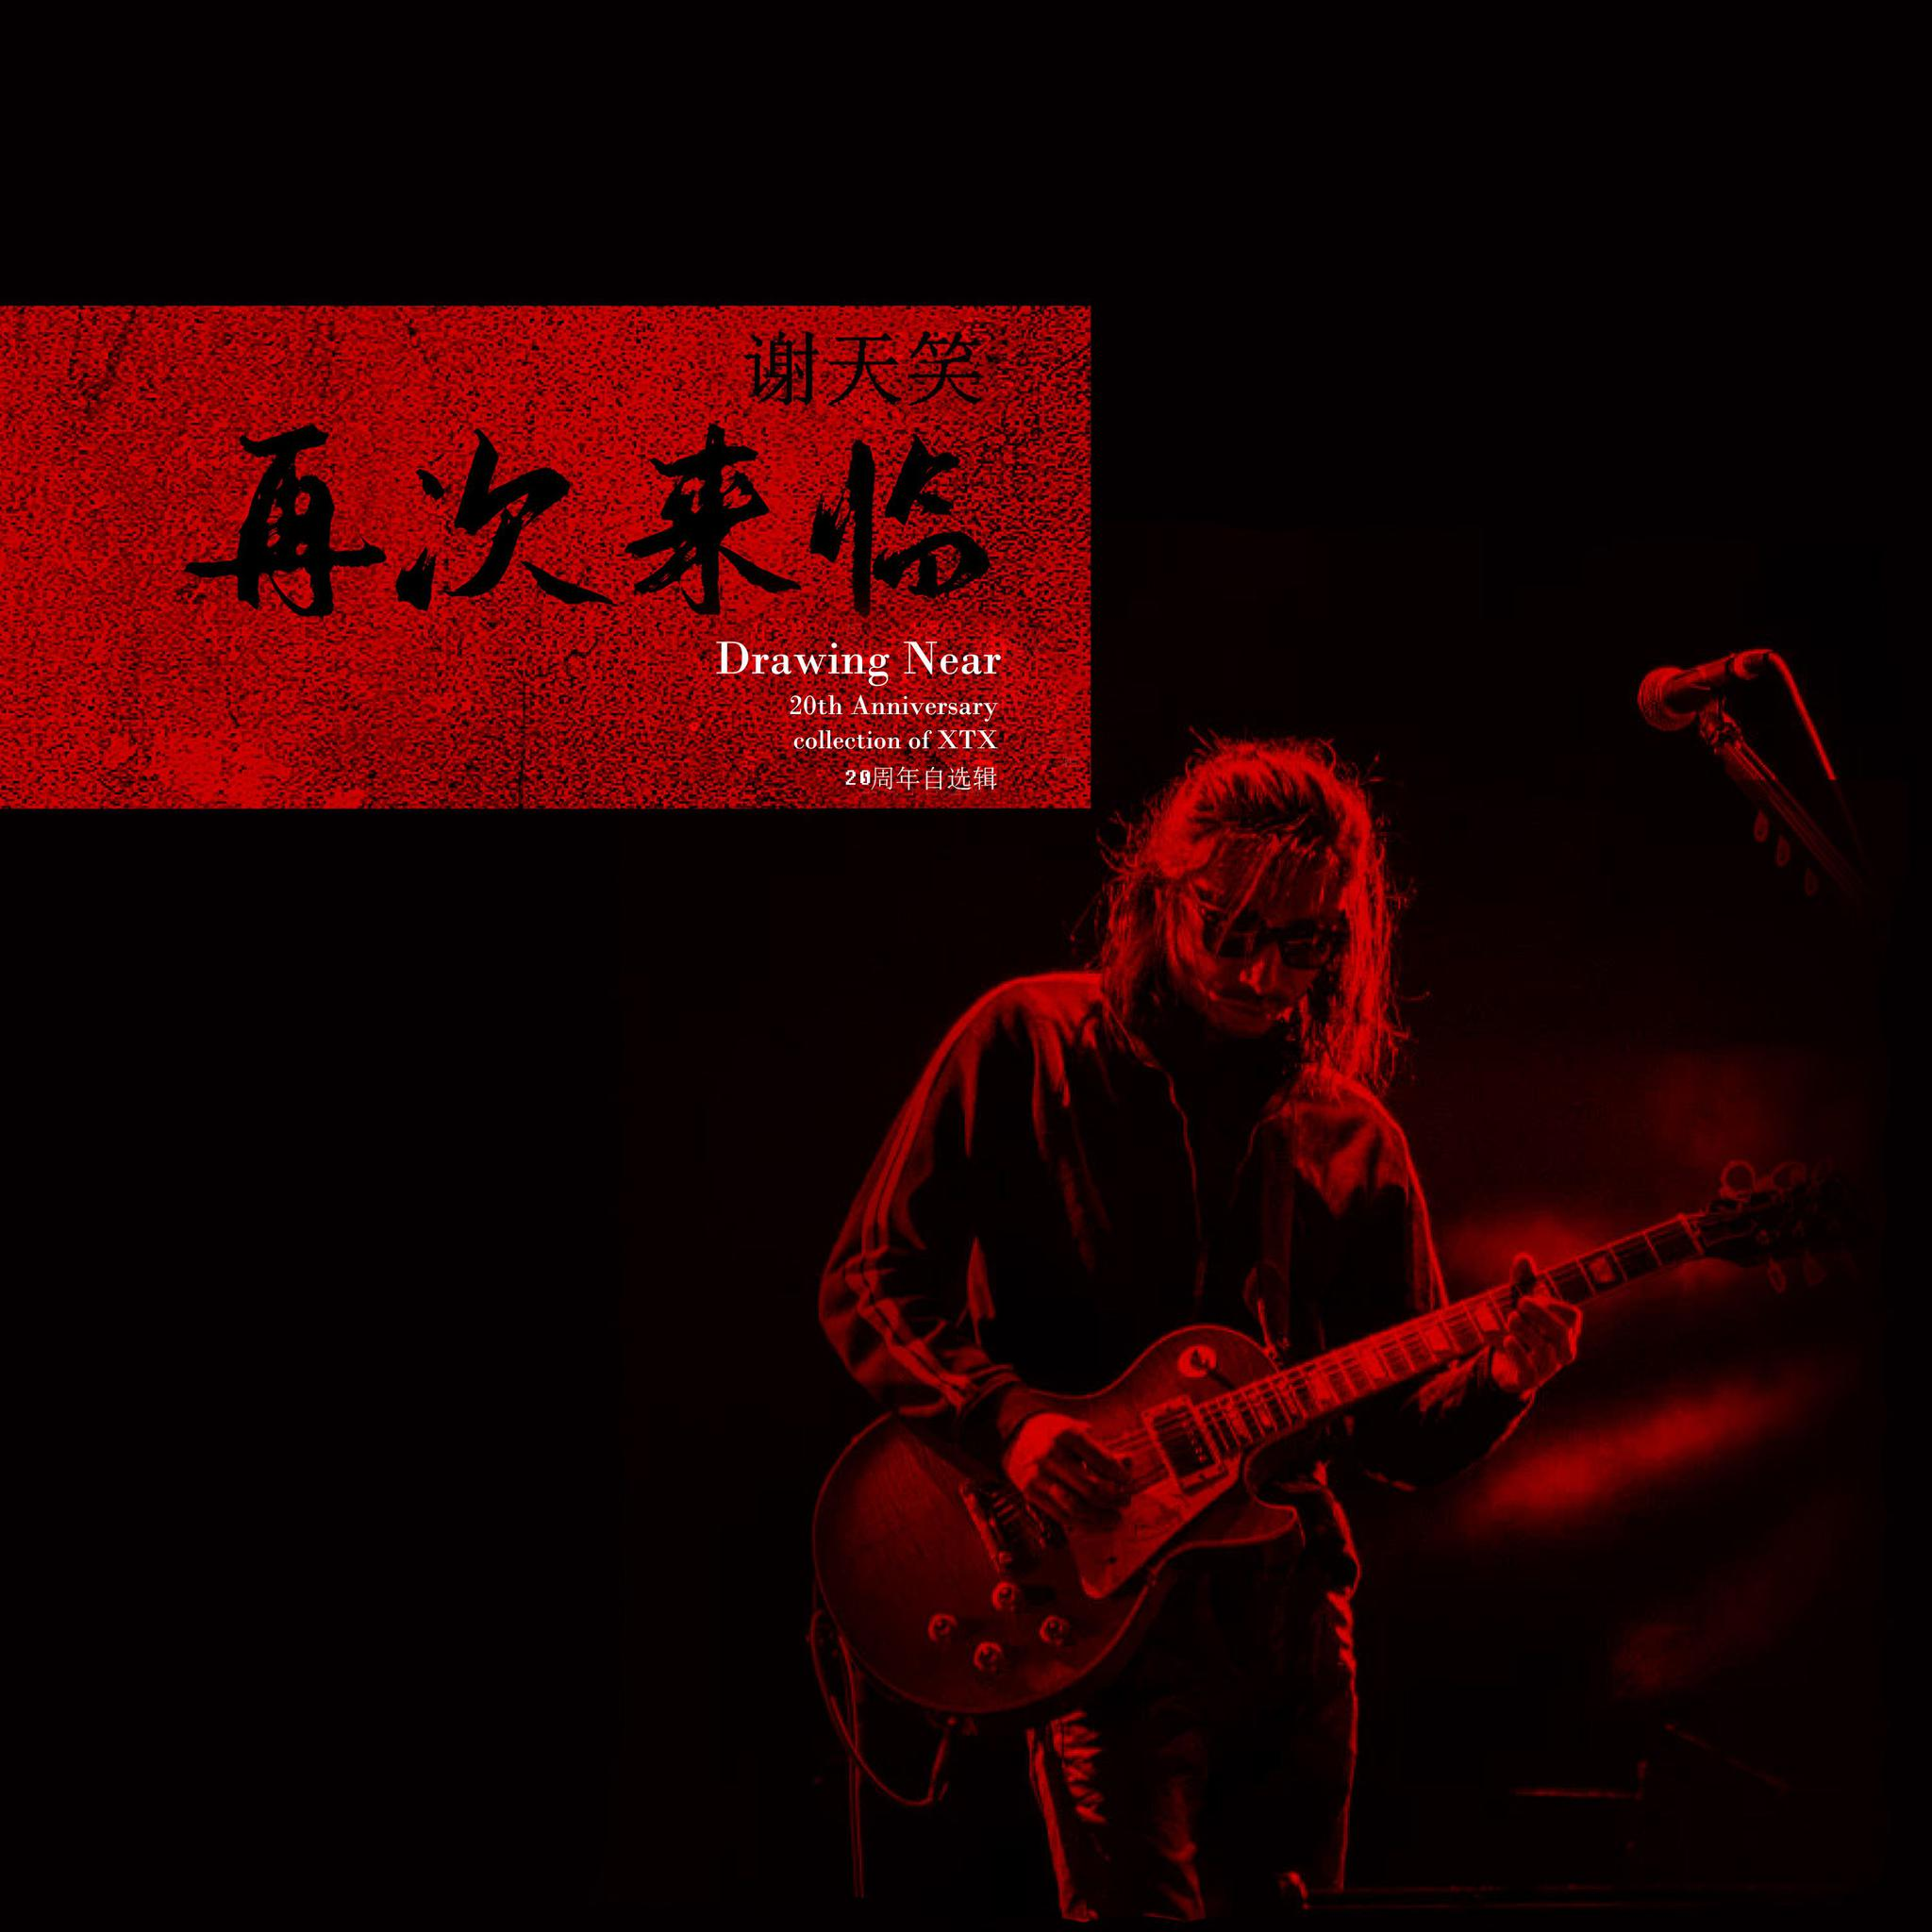 杏悦发行出道二十周年自选辑重新编曲杏悦制作十首图片